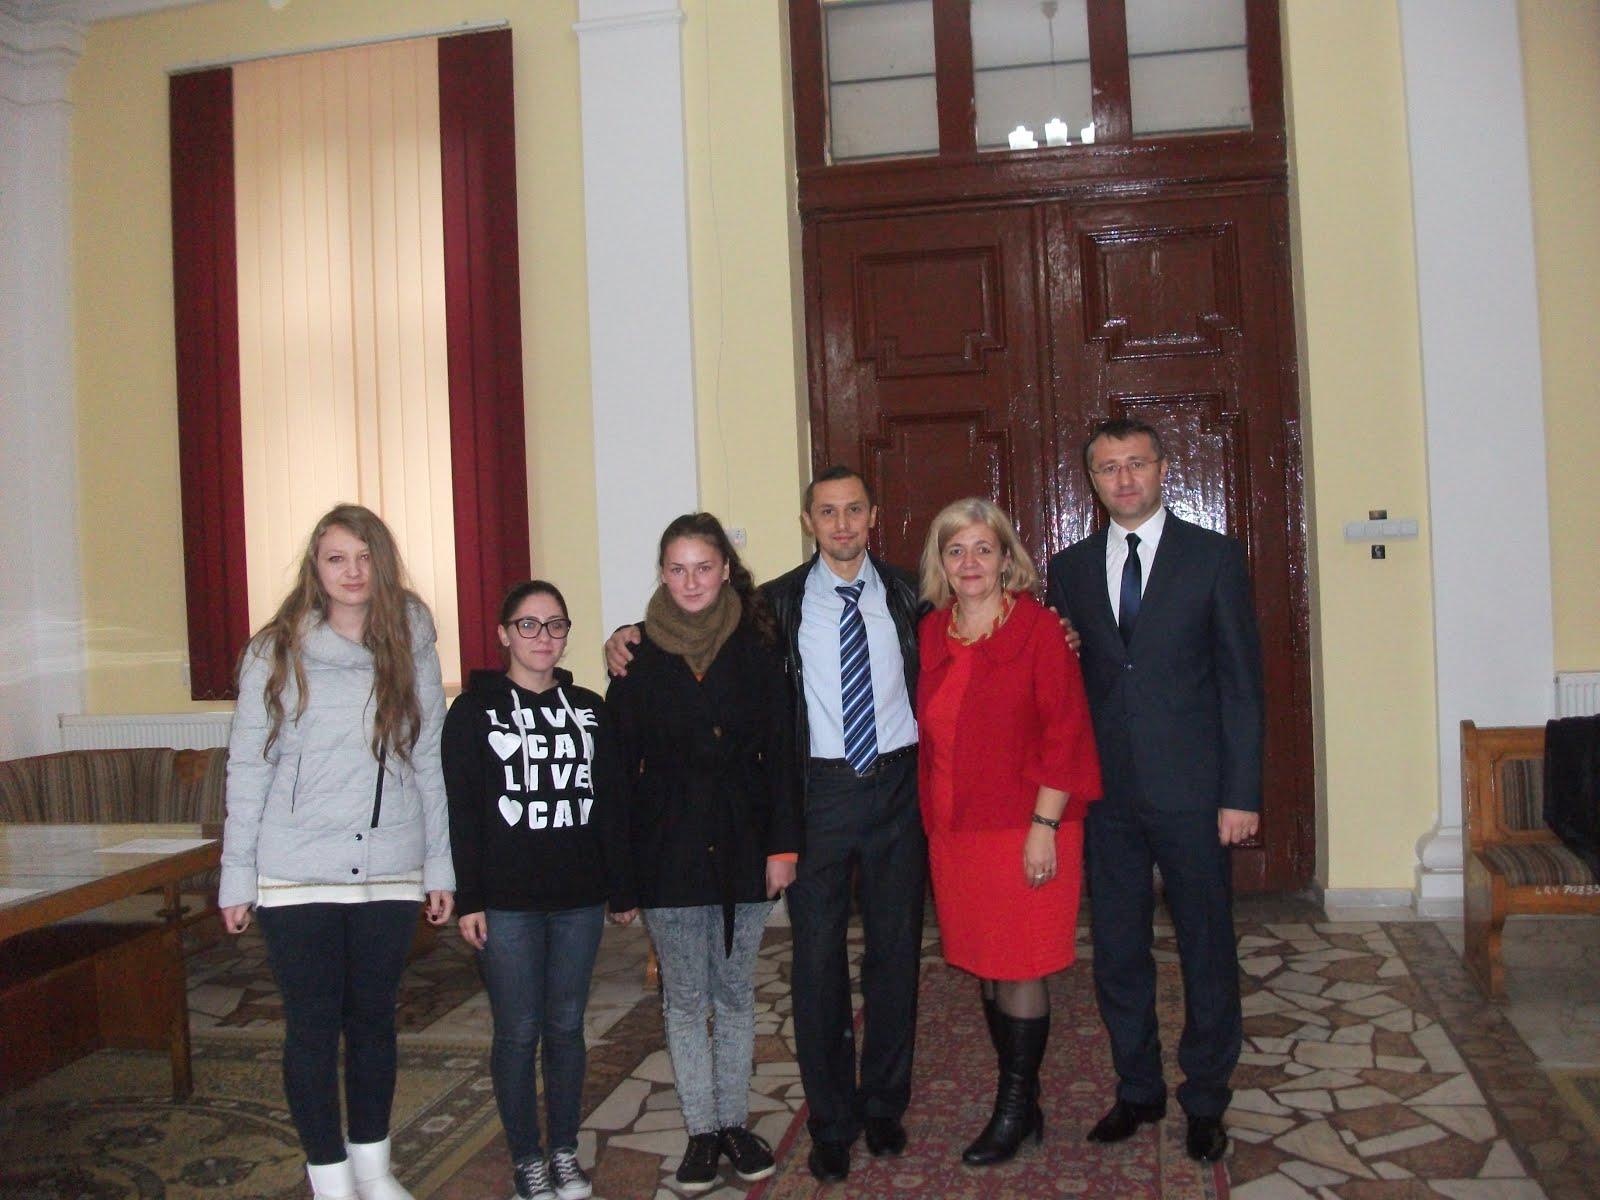 Deschiderea Centrului de Excelenţă - Roman, 17.10.2015...